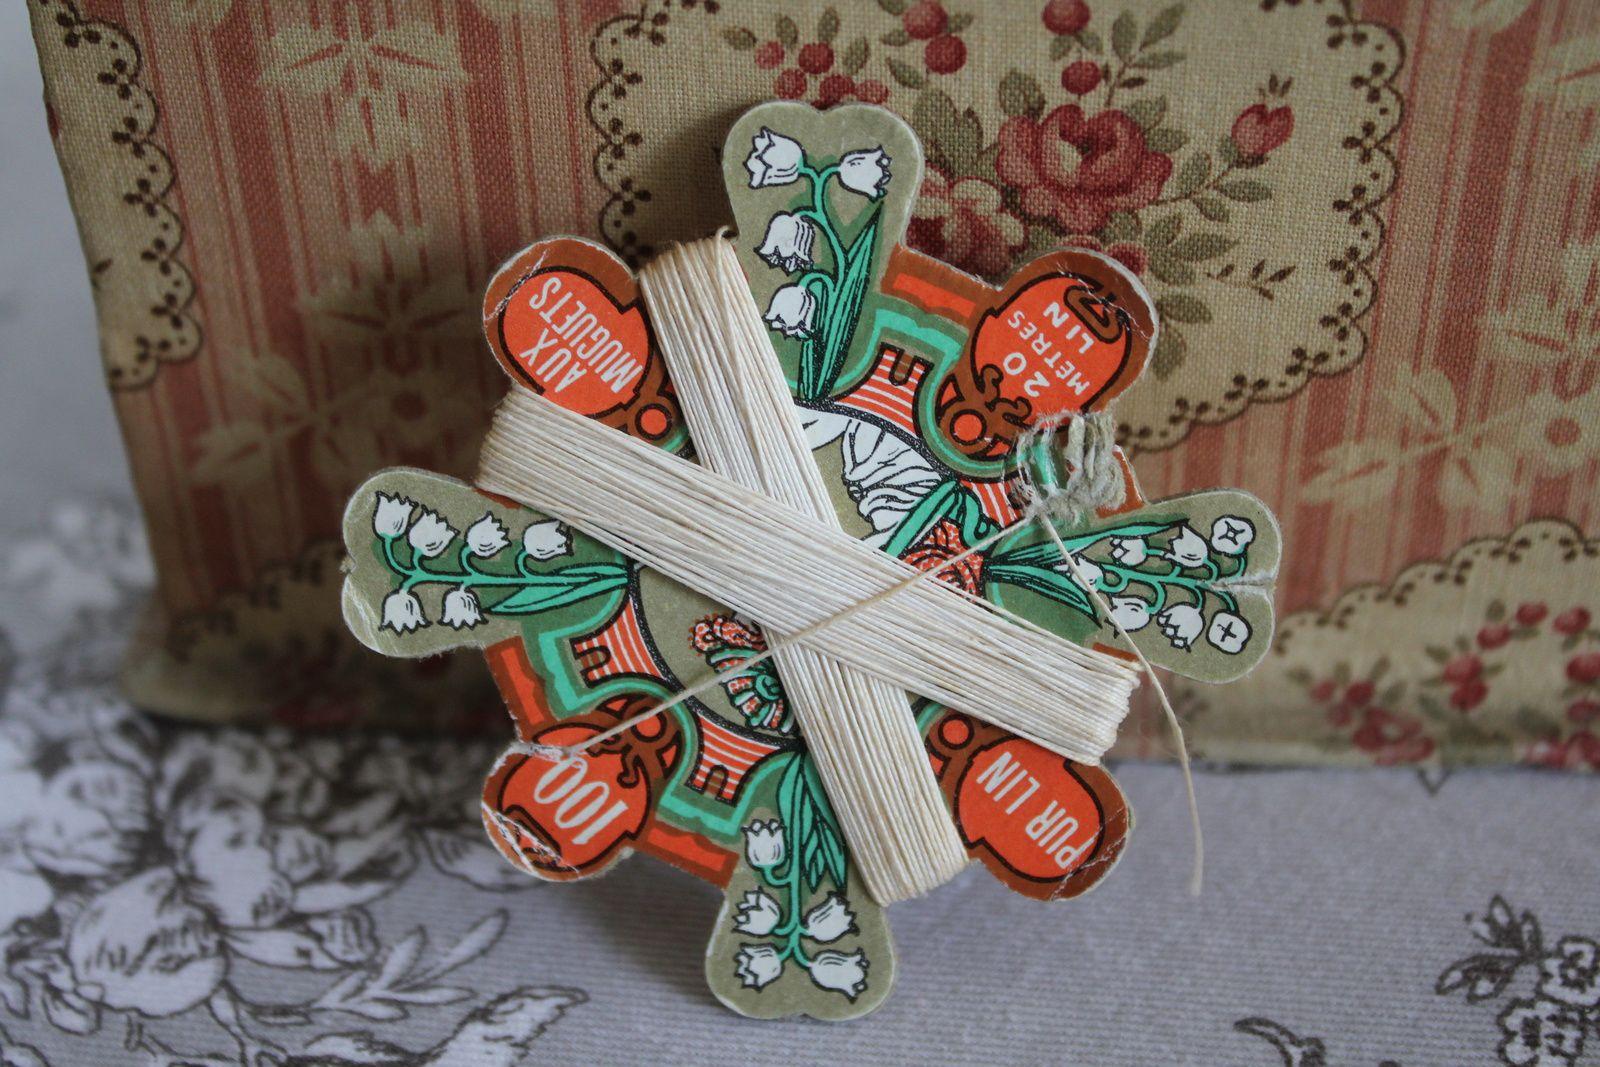 Retour de chine : pol à lait en porcelaine, poupée-lapin en biscuit, boîte à crème vaseline Vibert frères, boîte à épingles 1900, carte à fil de lin muguet, boîte en tissu